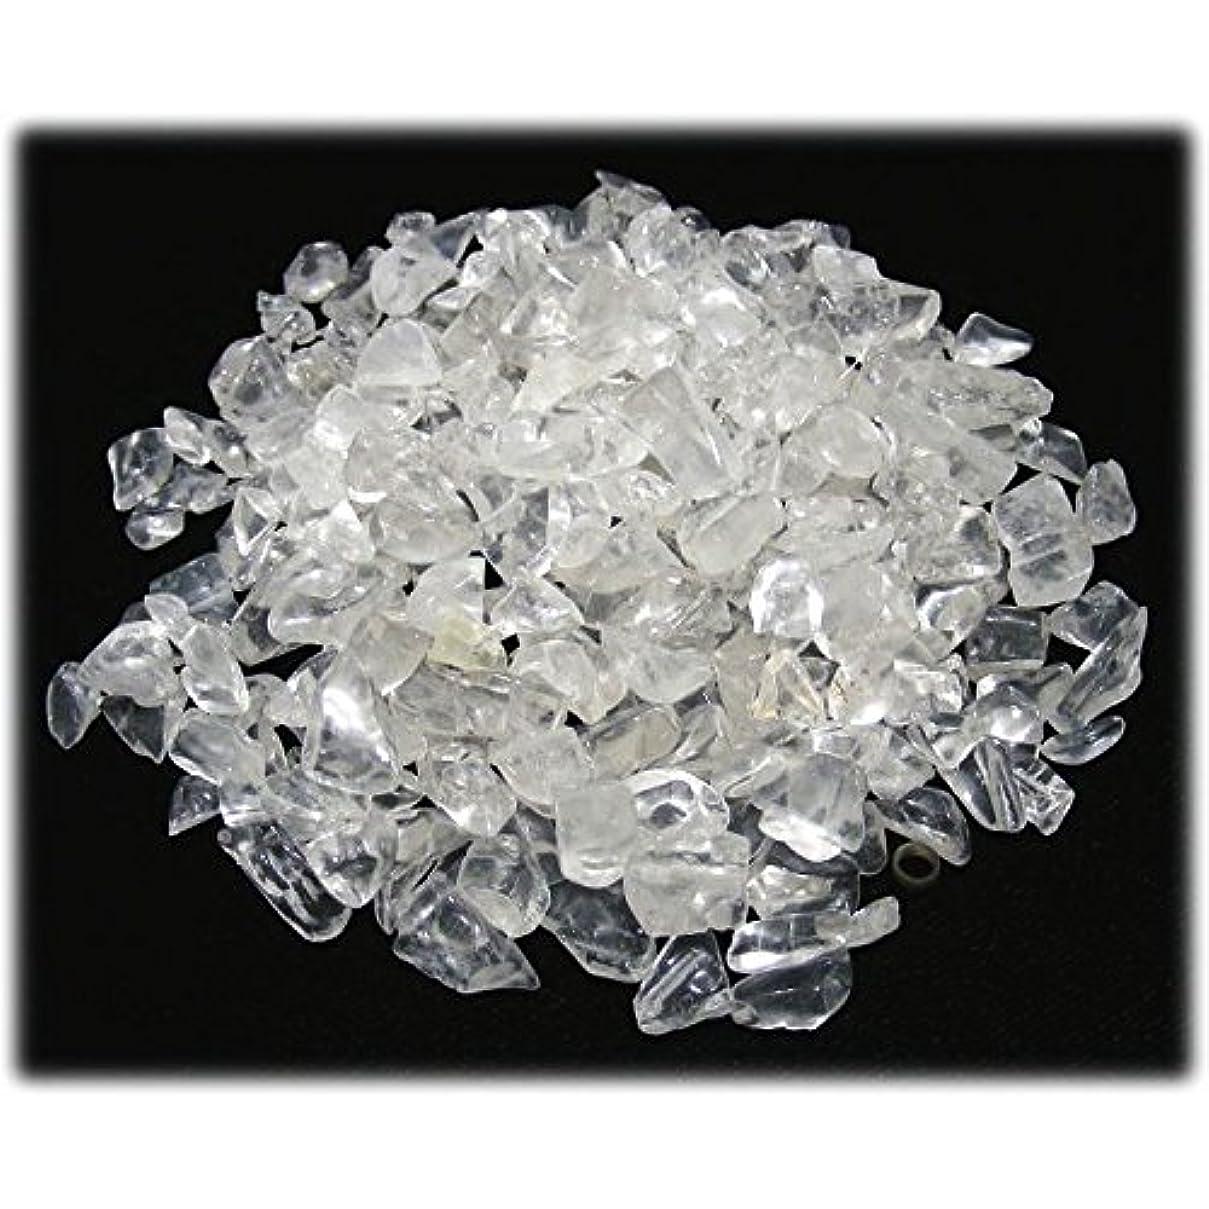 ホテル視線ライフル浄化アイテム 水晶さざれ(穴無し)100g